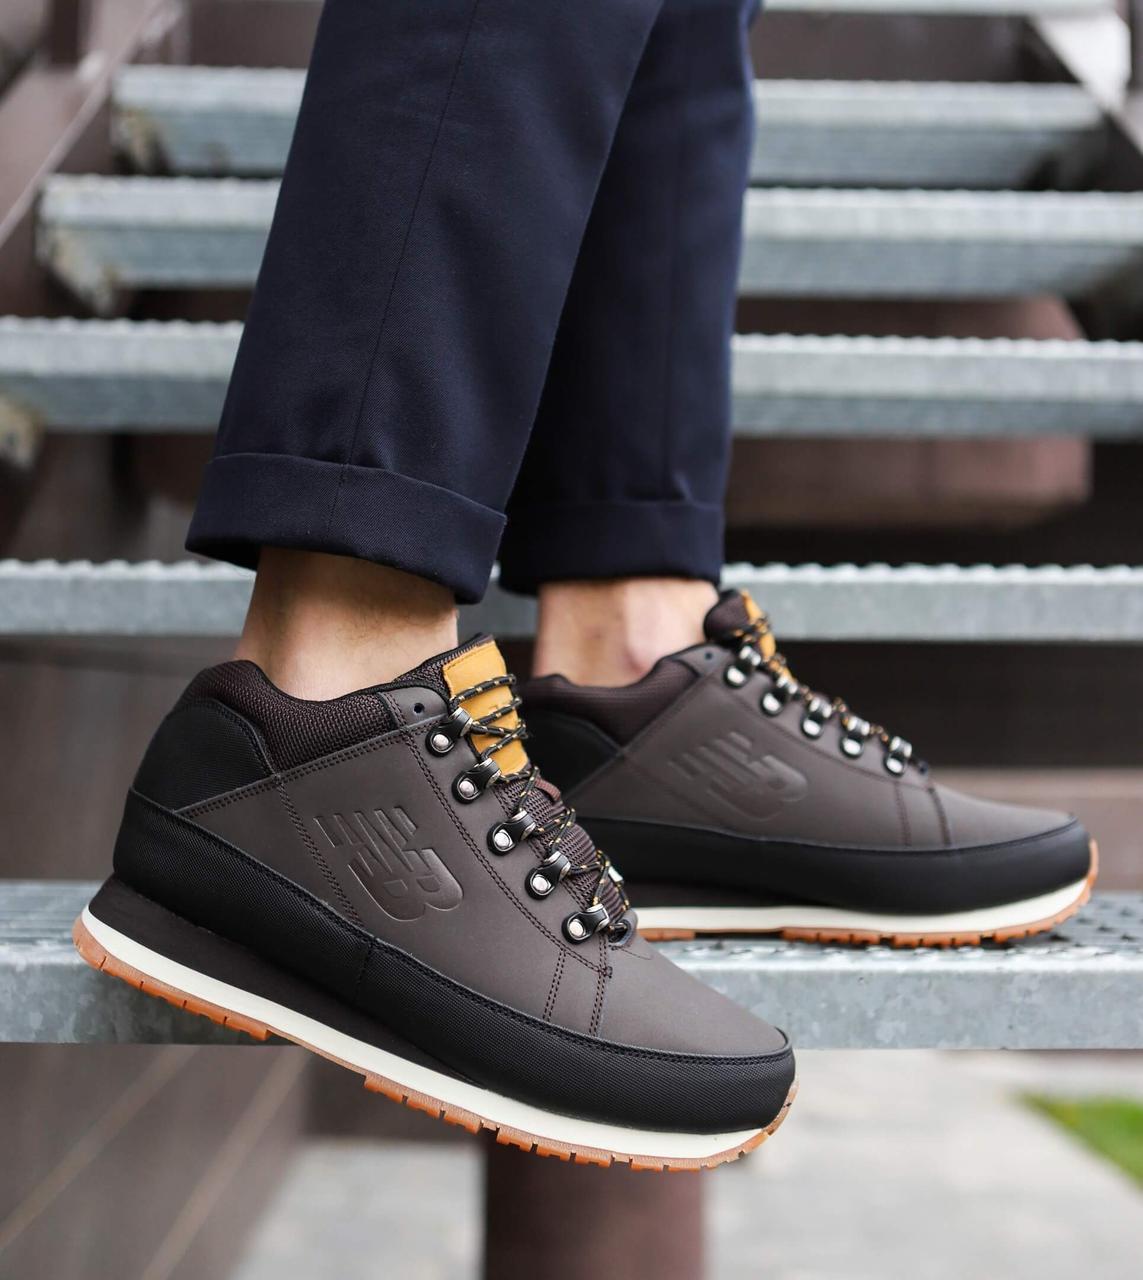 Мужские ботинки 754 высокие Pobedov (темно-коричневые)